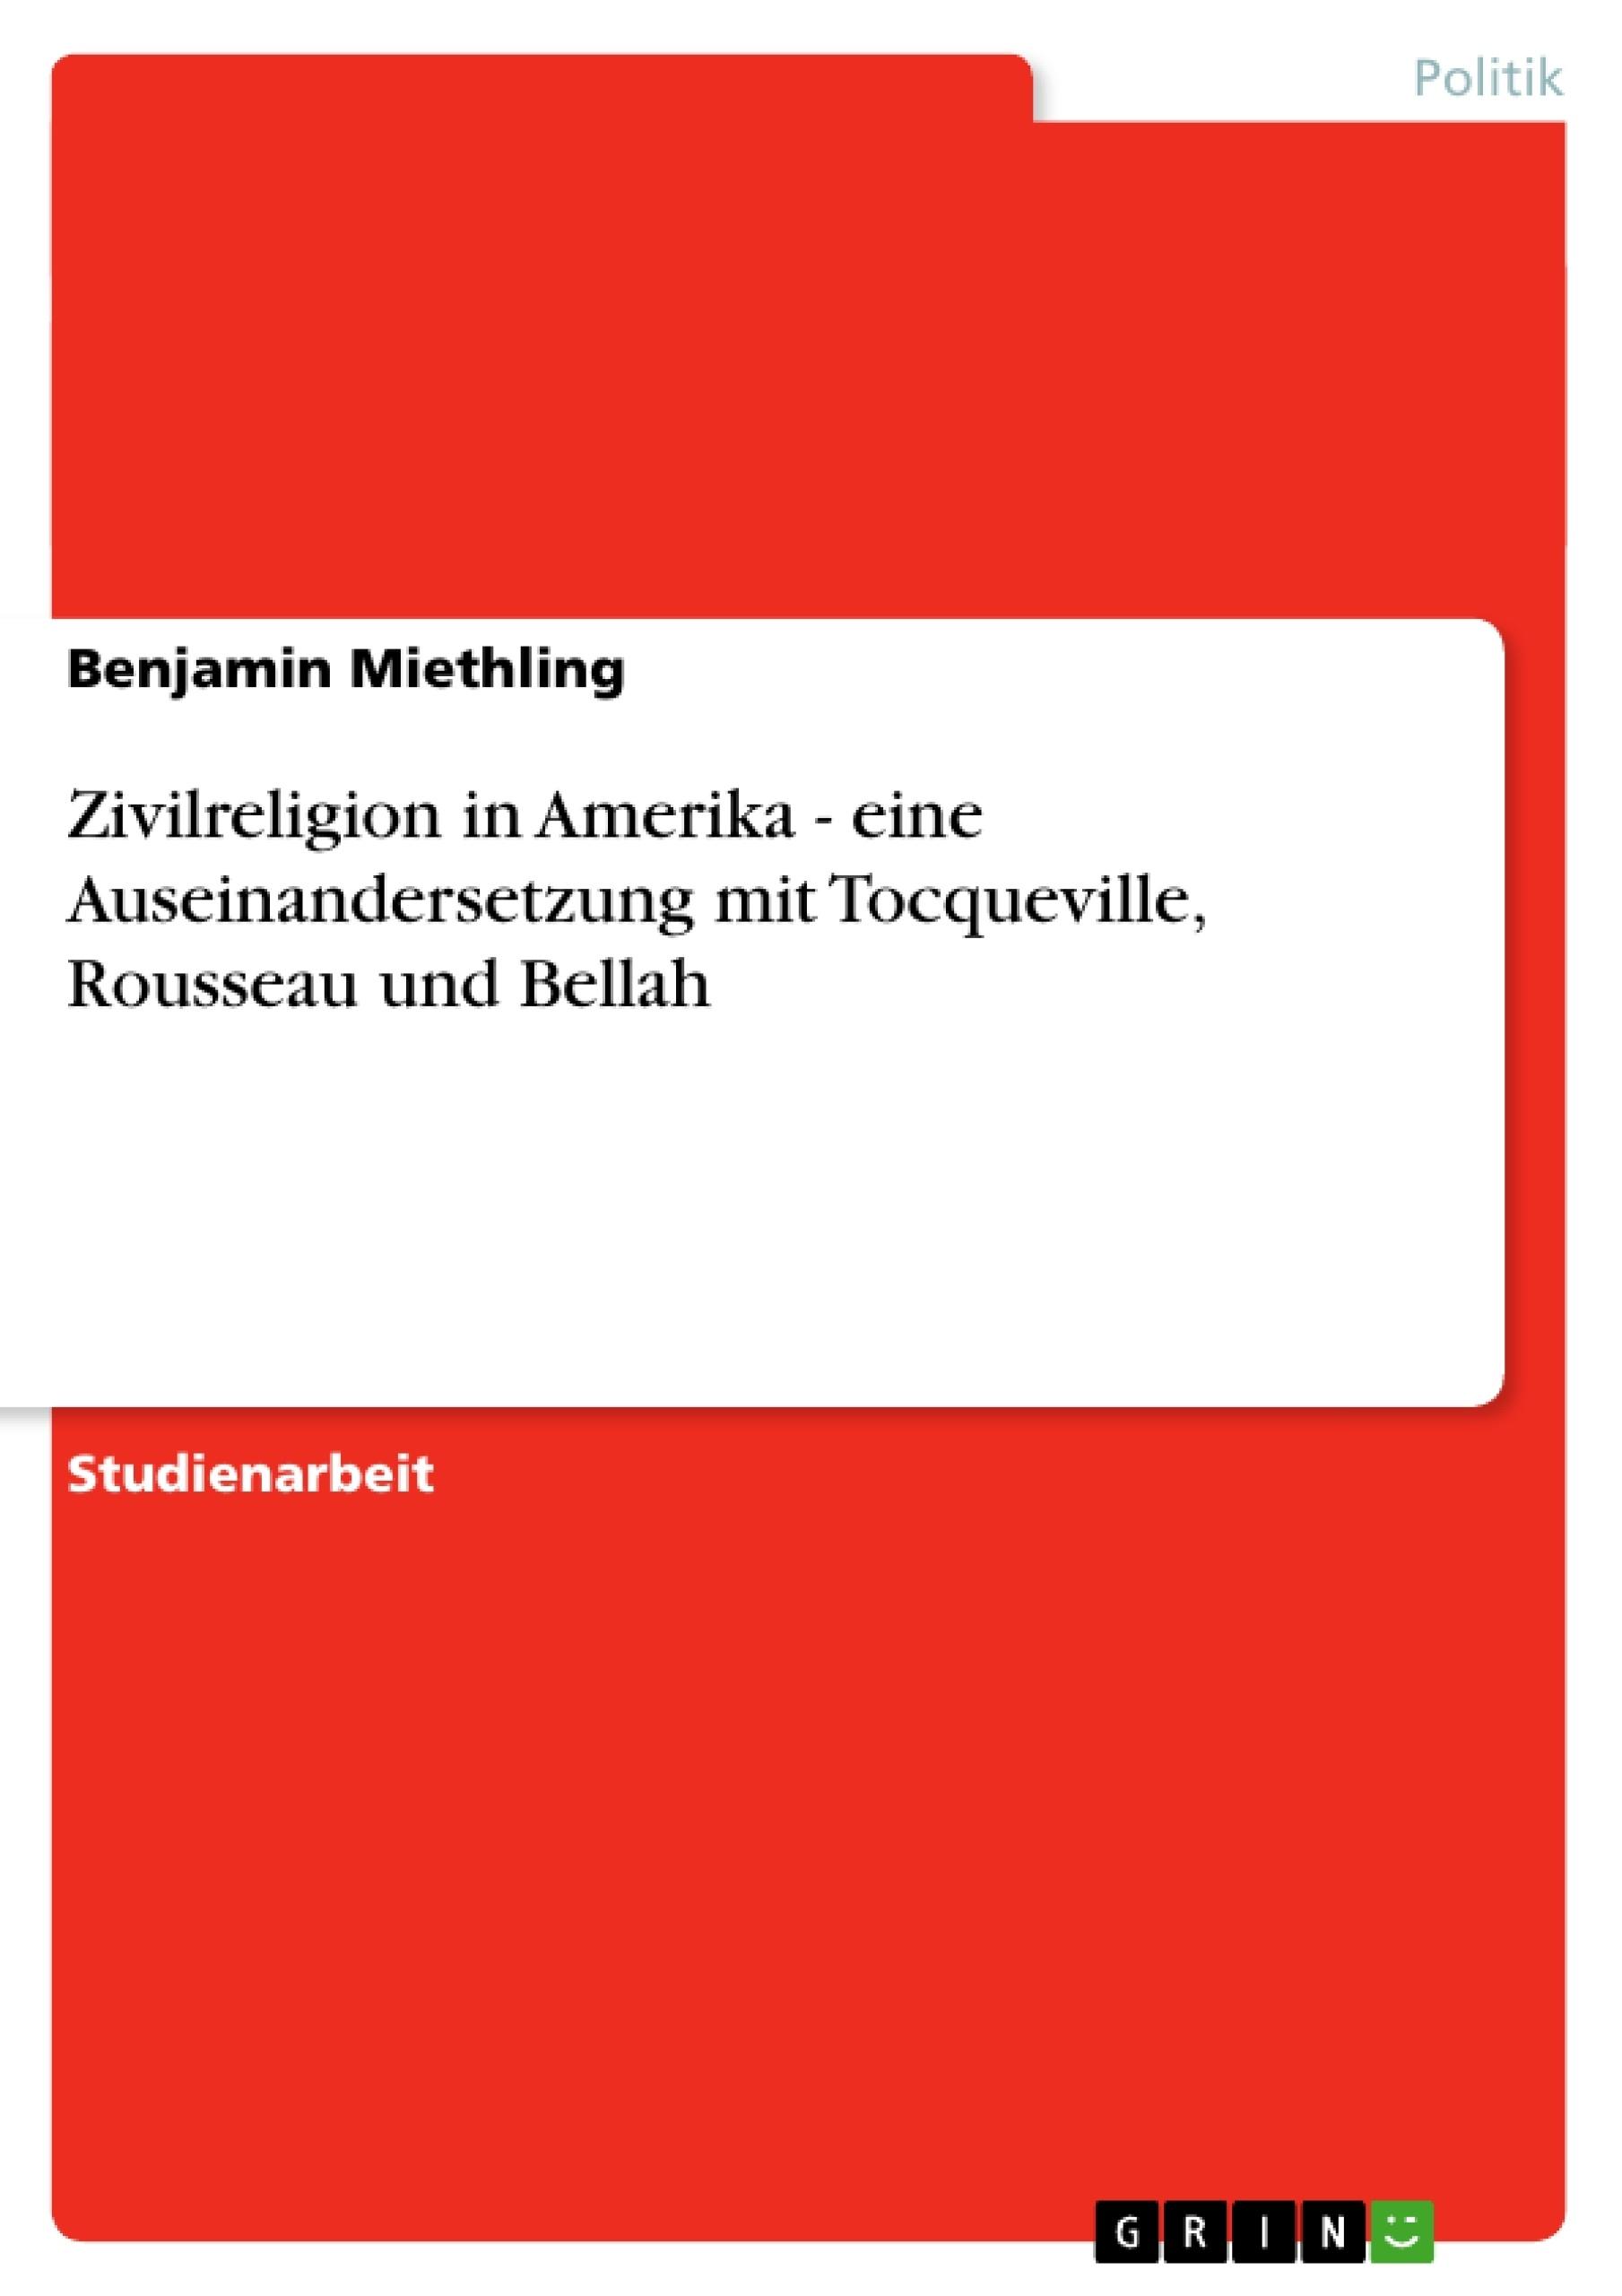 Titel: Zivilreligion in Amerika - eine Auseinandersetzung mit Tocqueville, Rousseau und Bellah